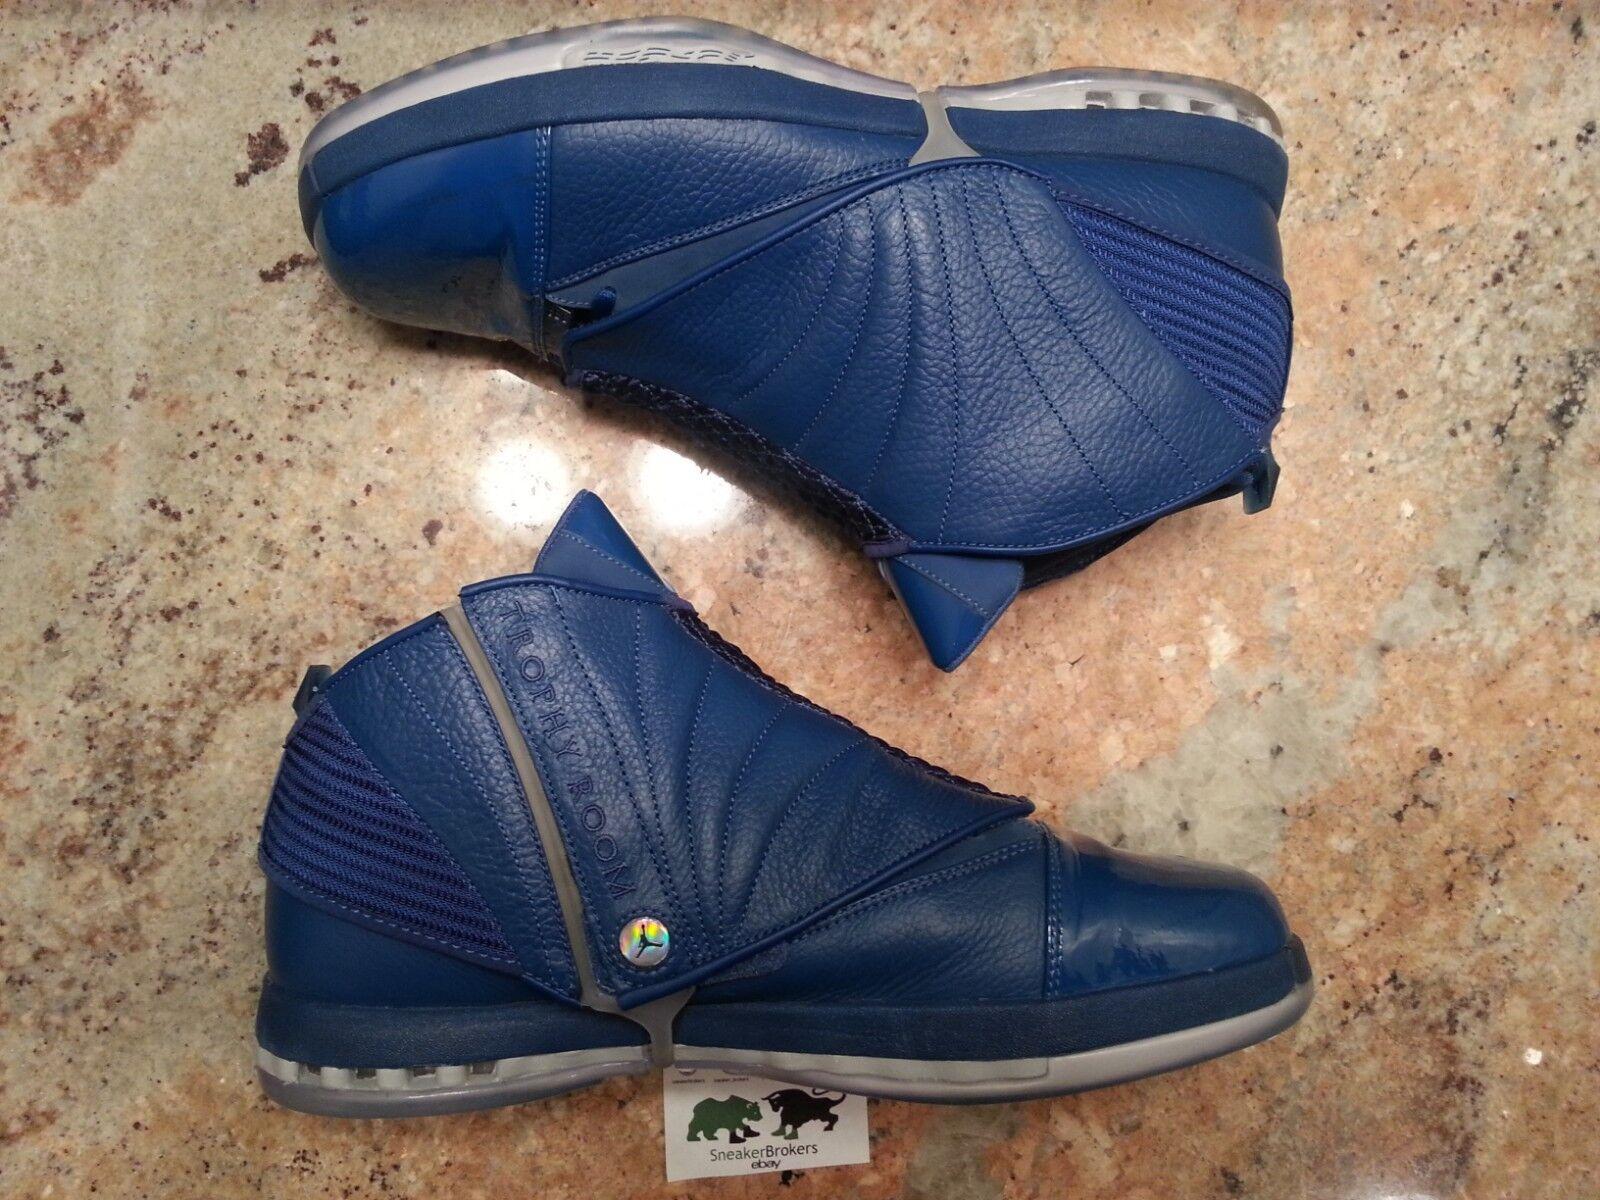 Nike Air Jordan Retro 16 XVI trofeo habitación QS tamaño mujer 13.Azul Navy.854255-416.Baratos zapatos de mujer tamaño zapatos de mujer 7713cc